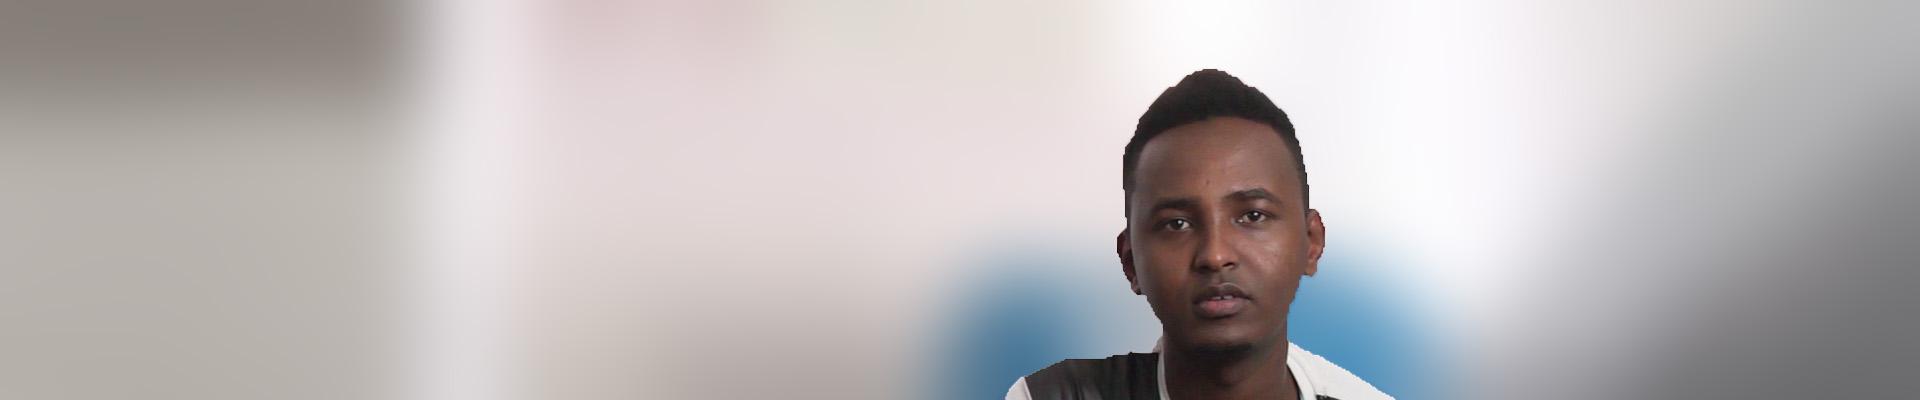 Kulmiye berichtet, warum er aus Somalia flüchten musste und was er auf seiner gefährlichen Reise erlebte. | Bild (Ausschnitt): © earthlink e.V. -